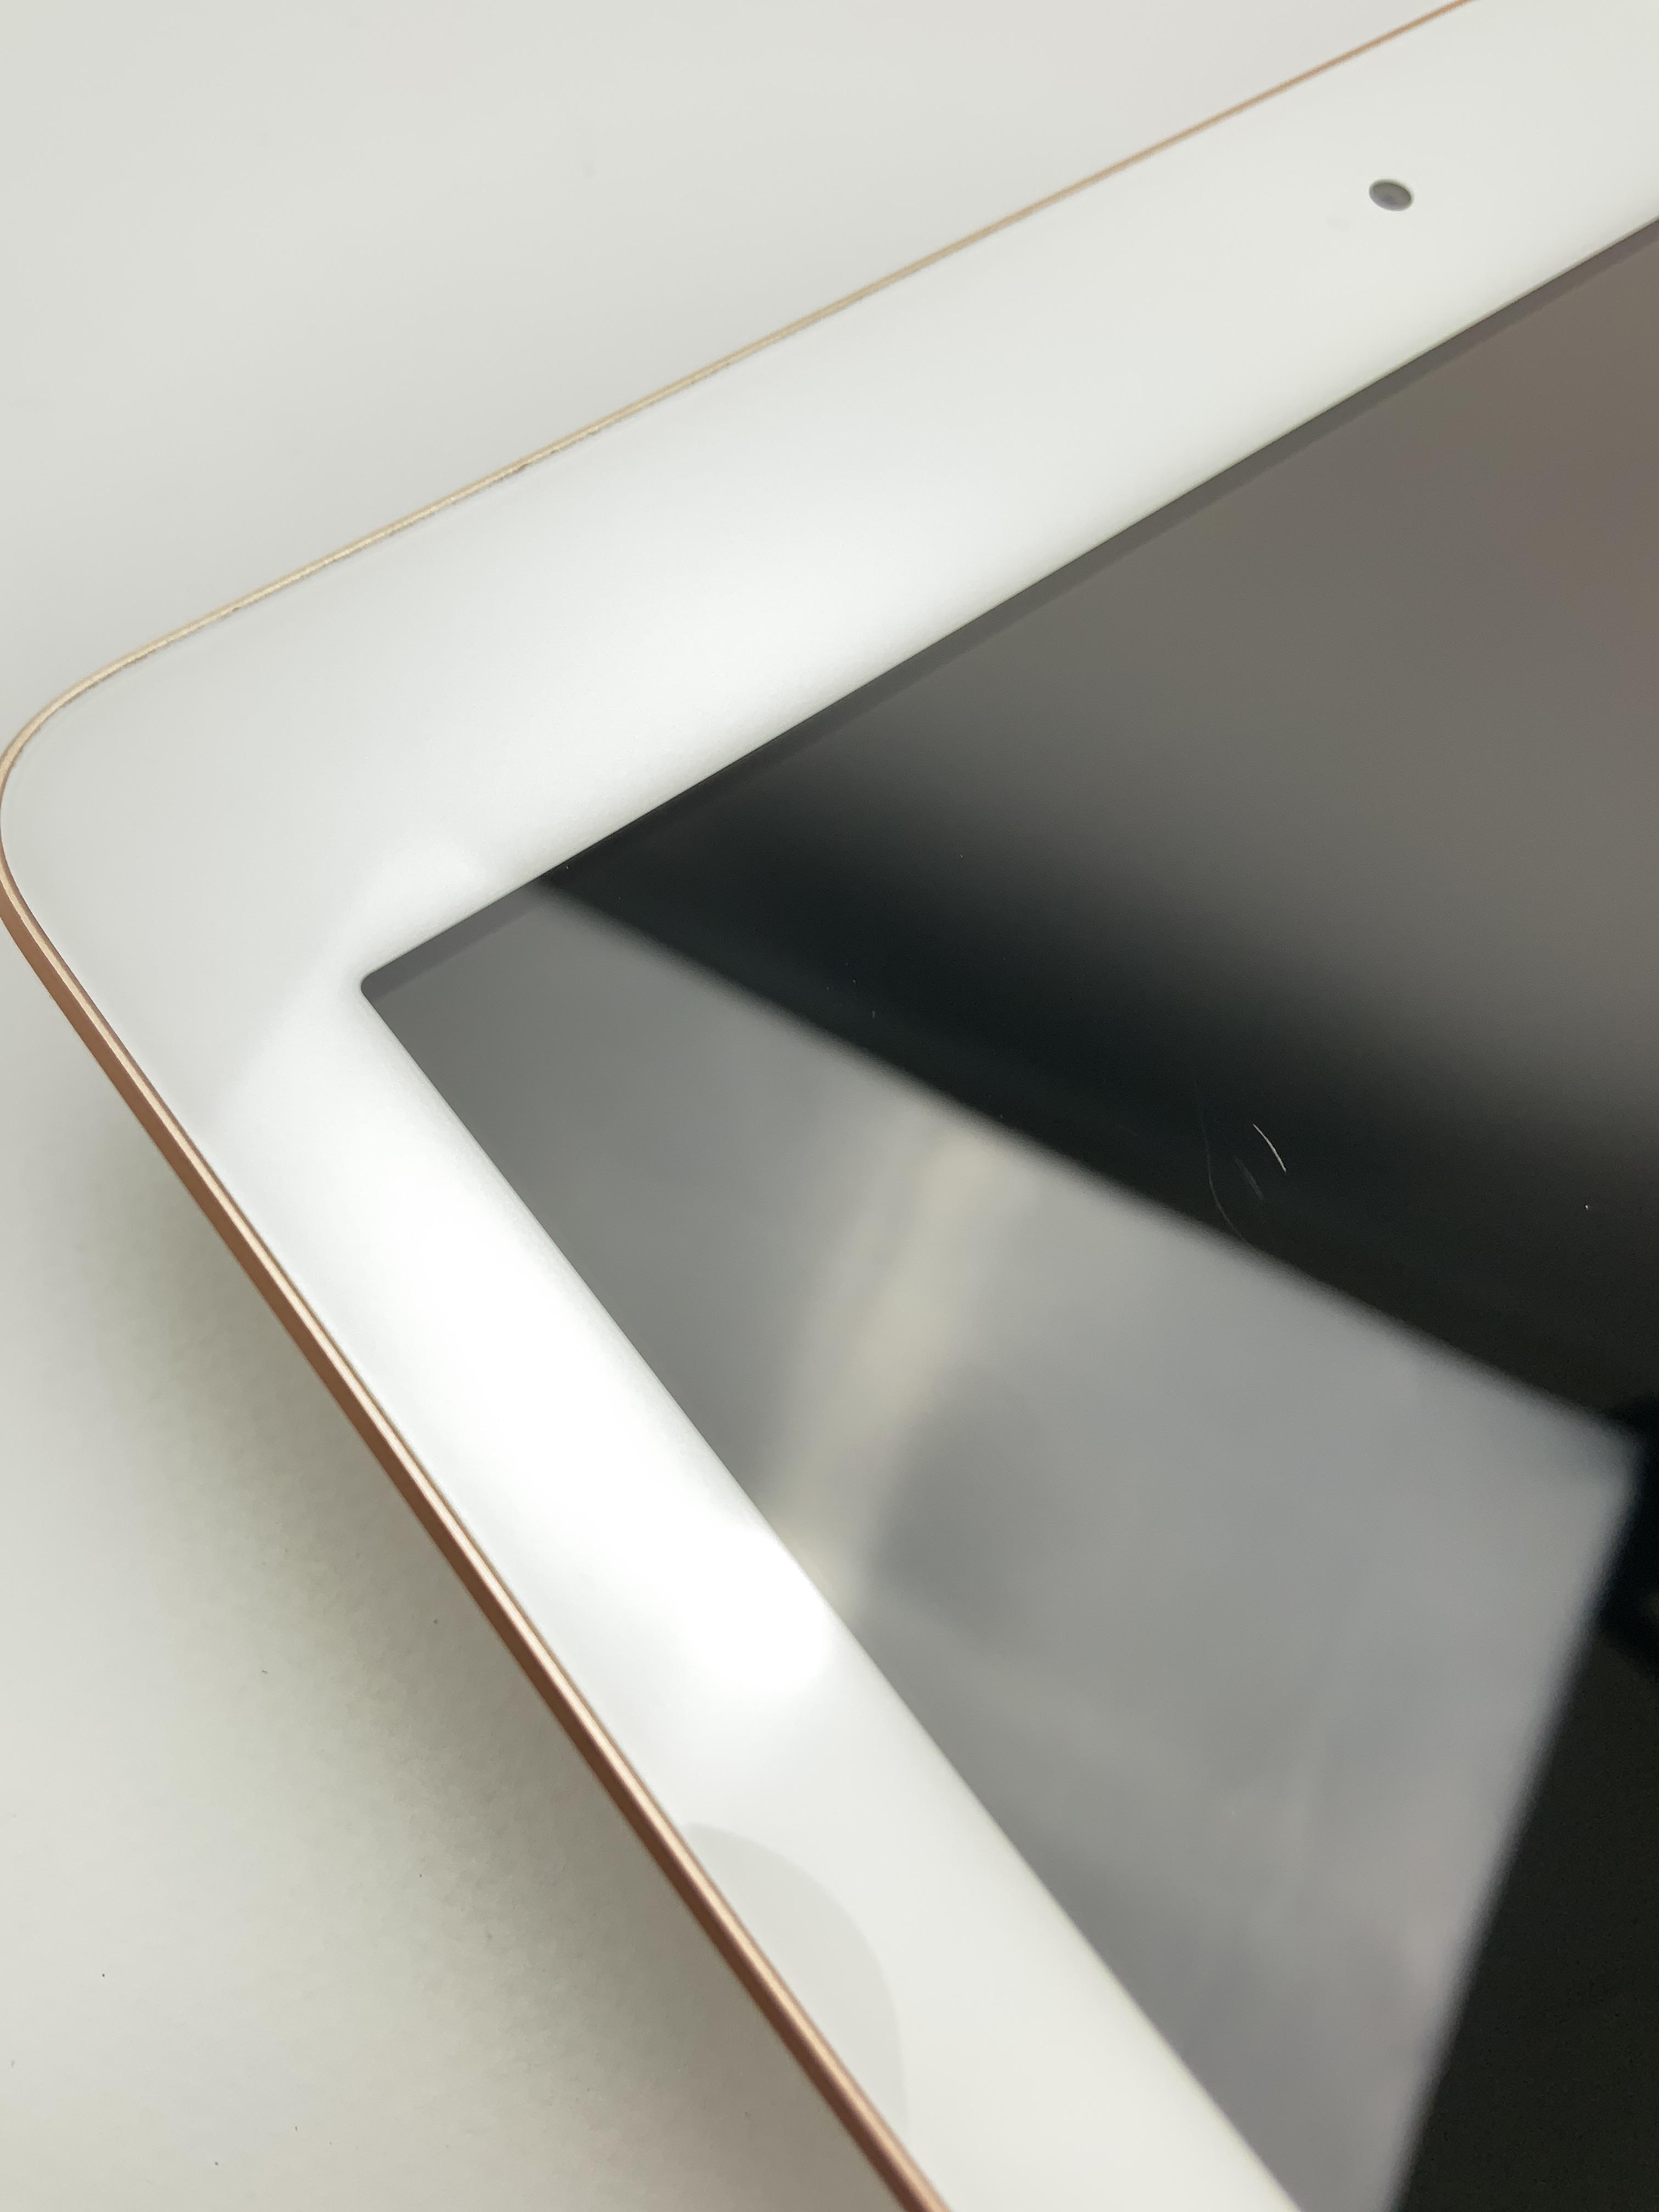 iPad 6 Wi-Fi 32GB, 32GB, Gold, imagen 3